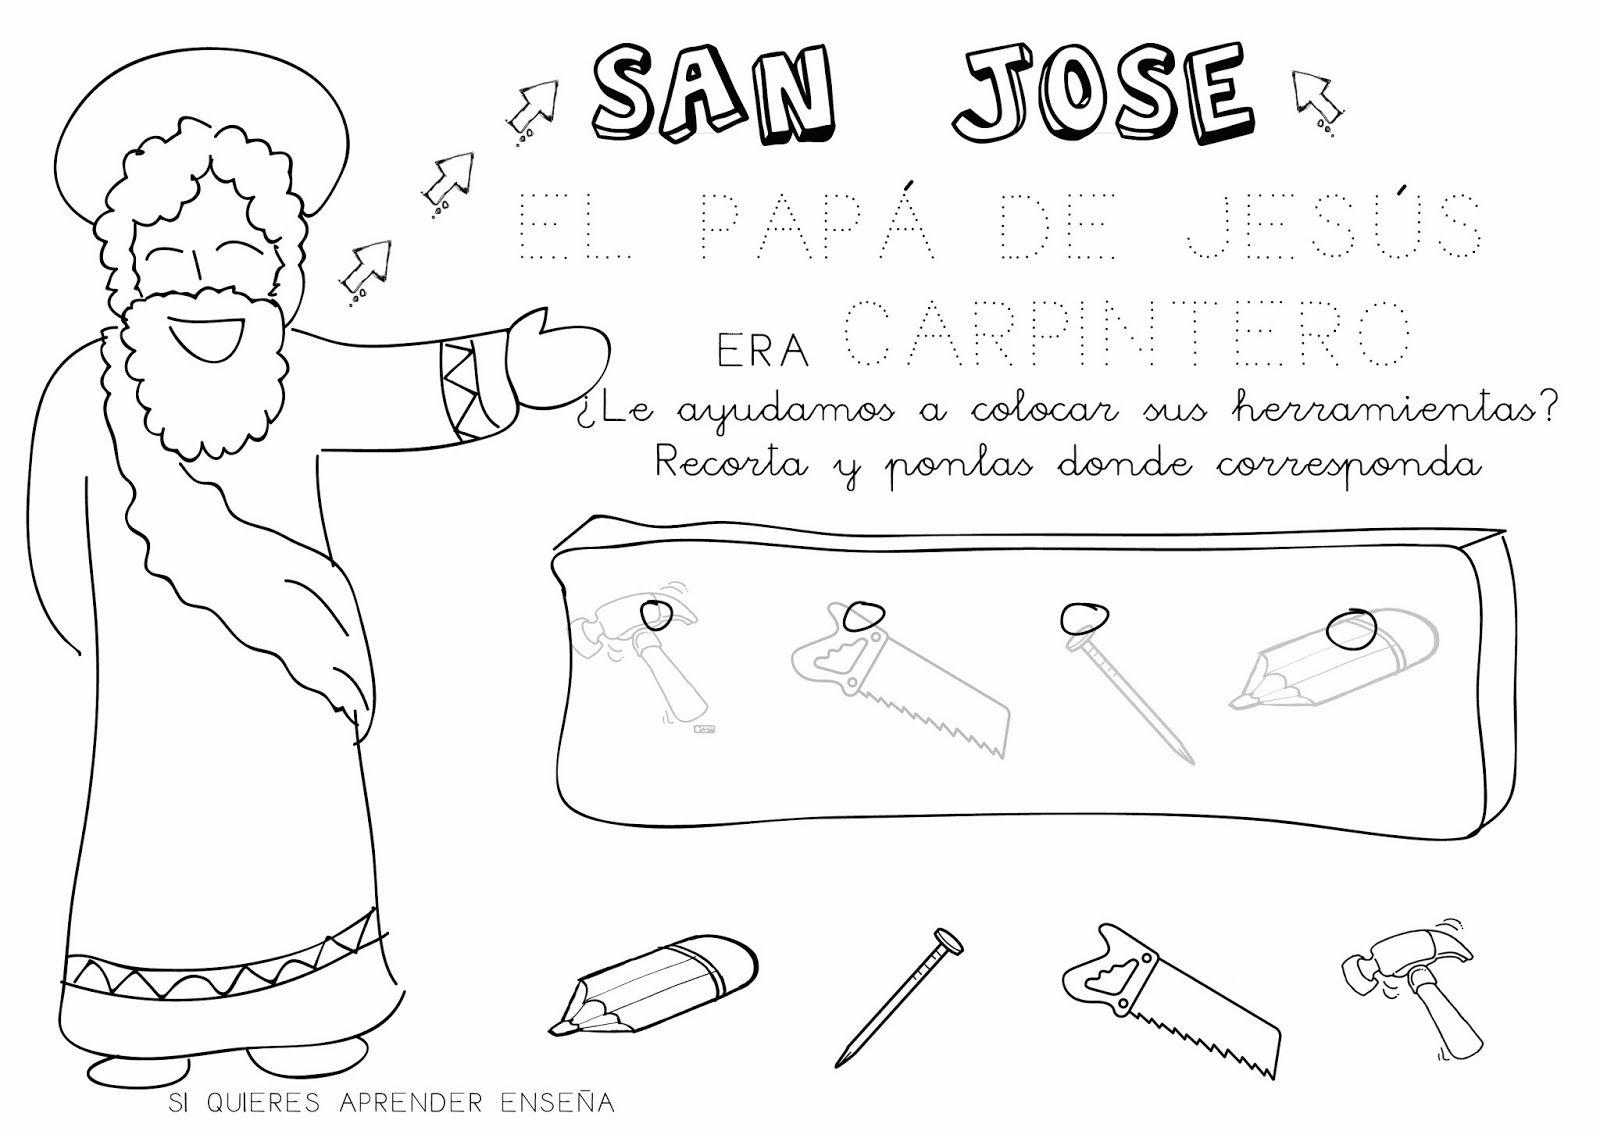 Si quieres aprender, ENSEÑA.: Ficha para SAN JOSÉ | Kinder-Fichas ...